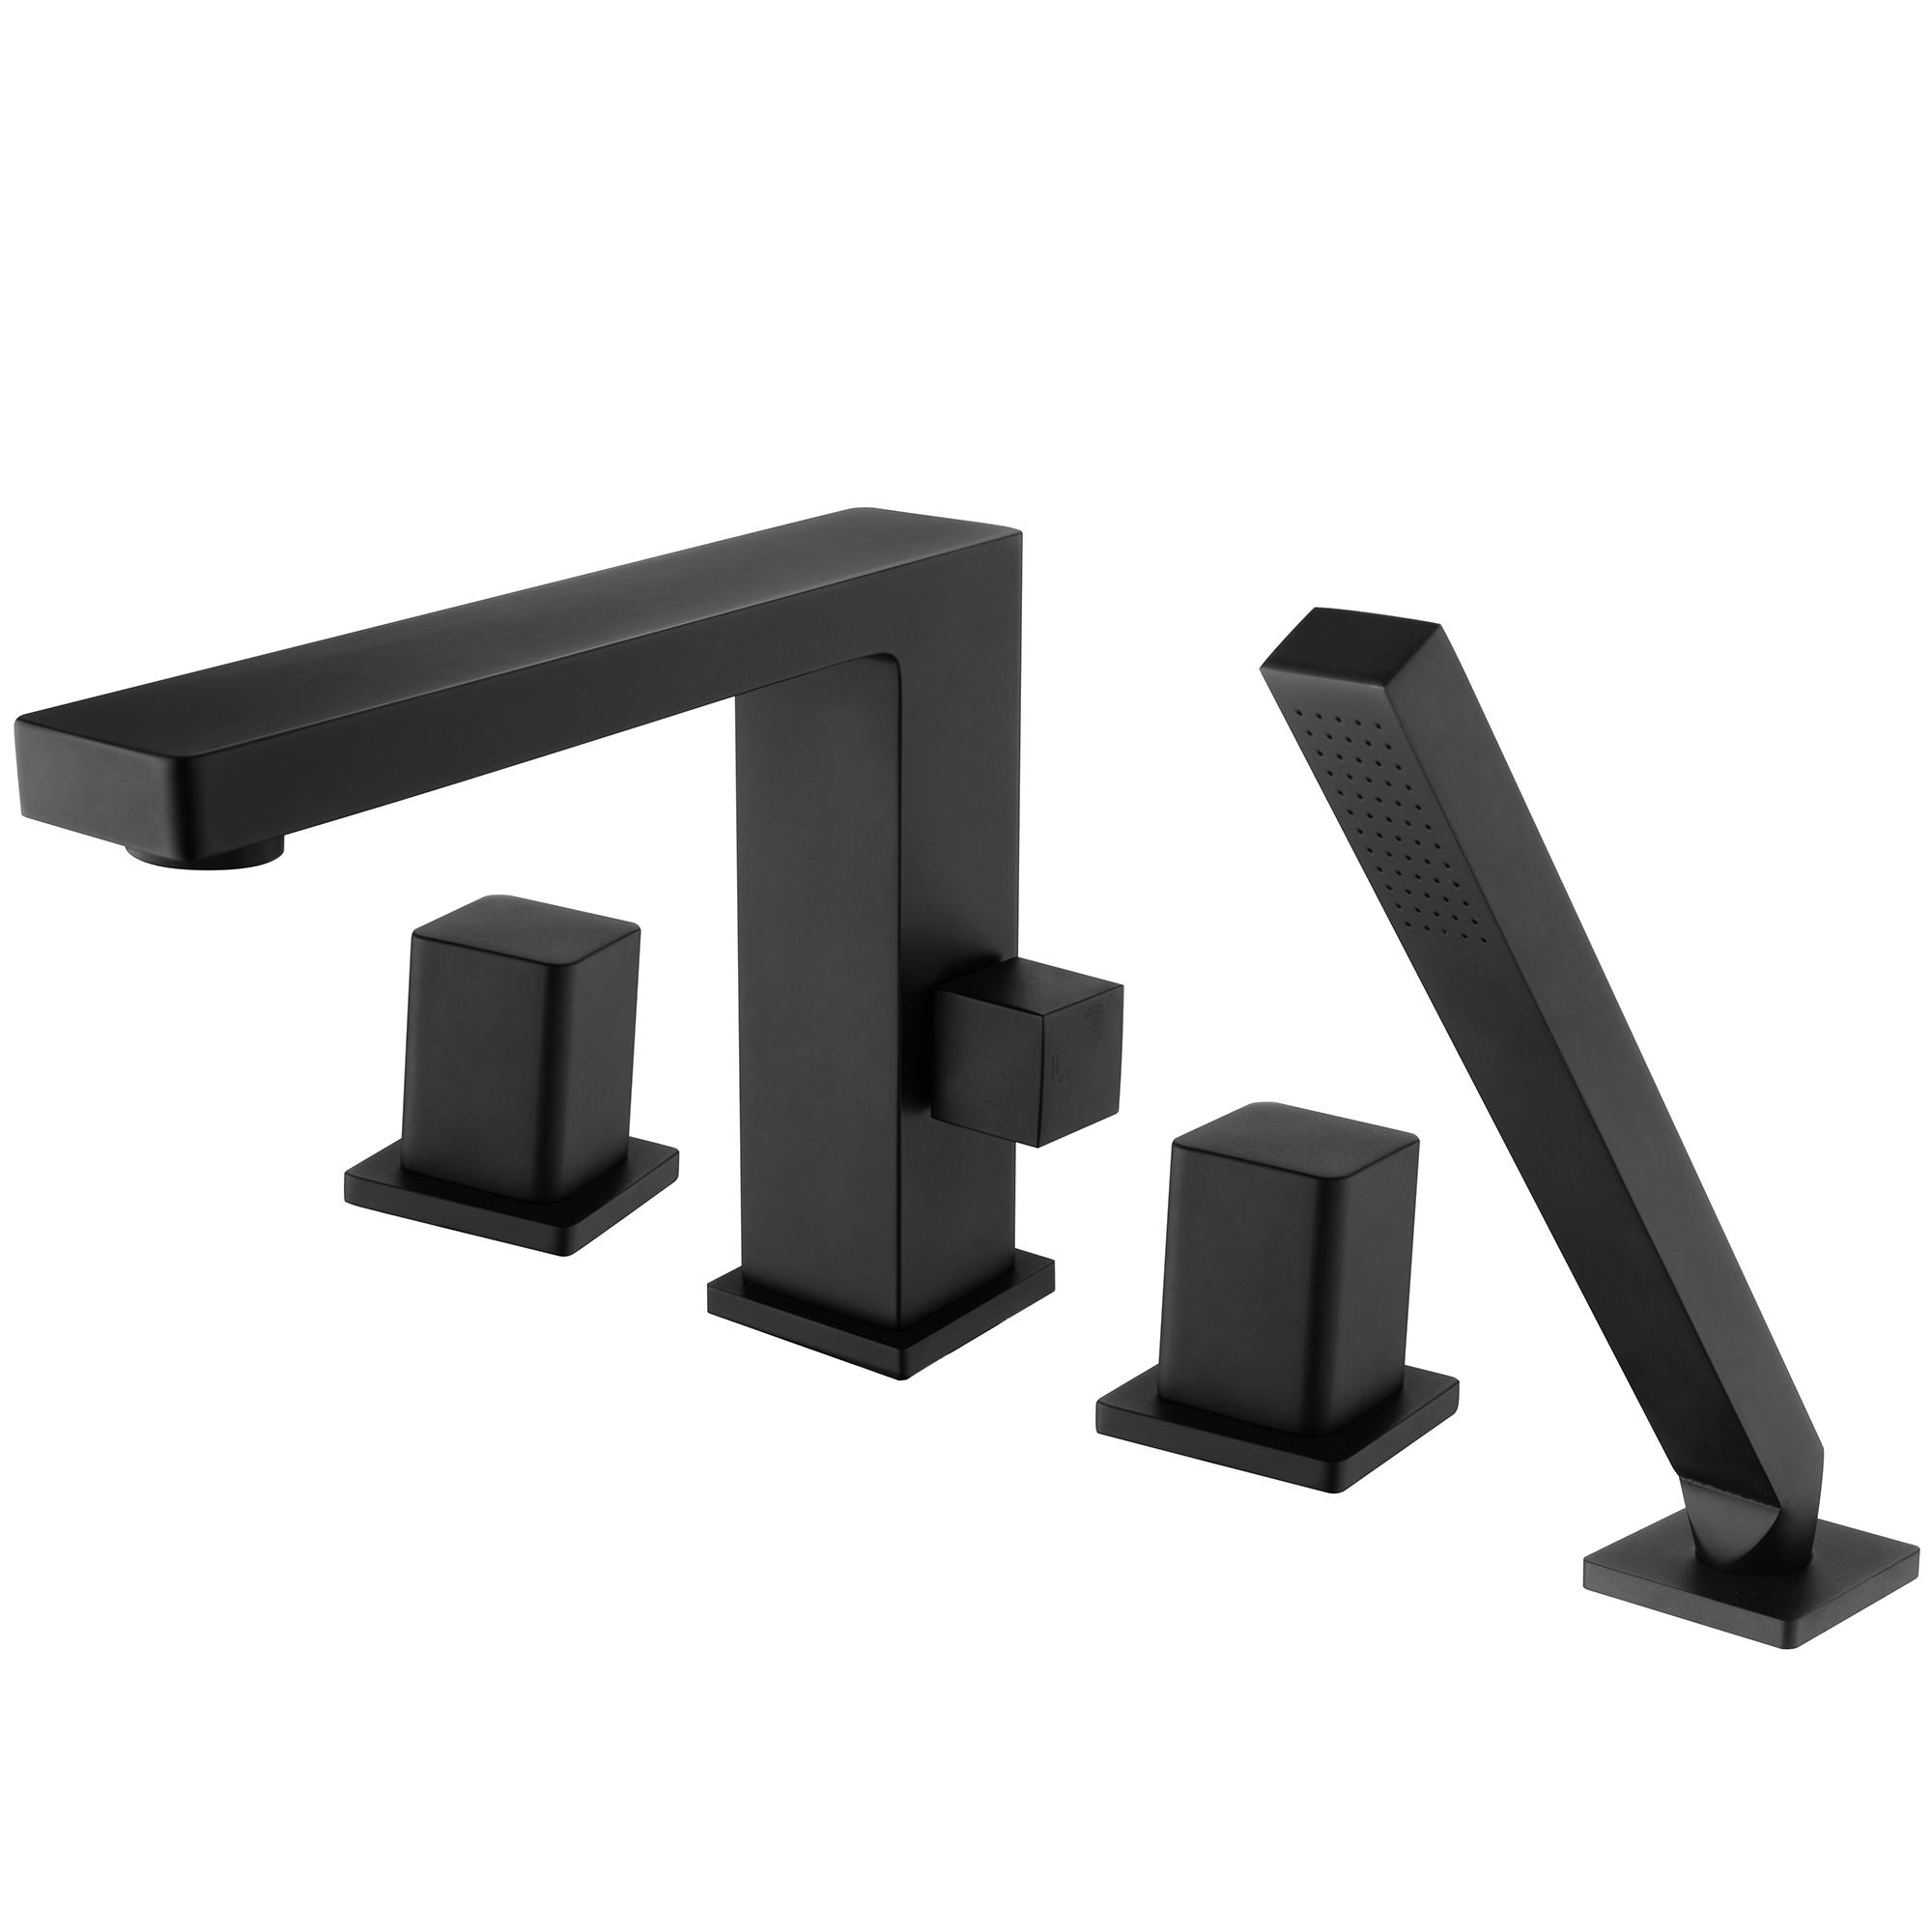 Robinet mitigeur design en noir pour montage sur bord de baignoire 4 trous 6081B